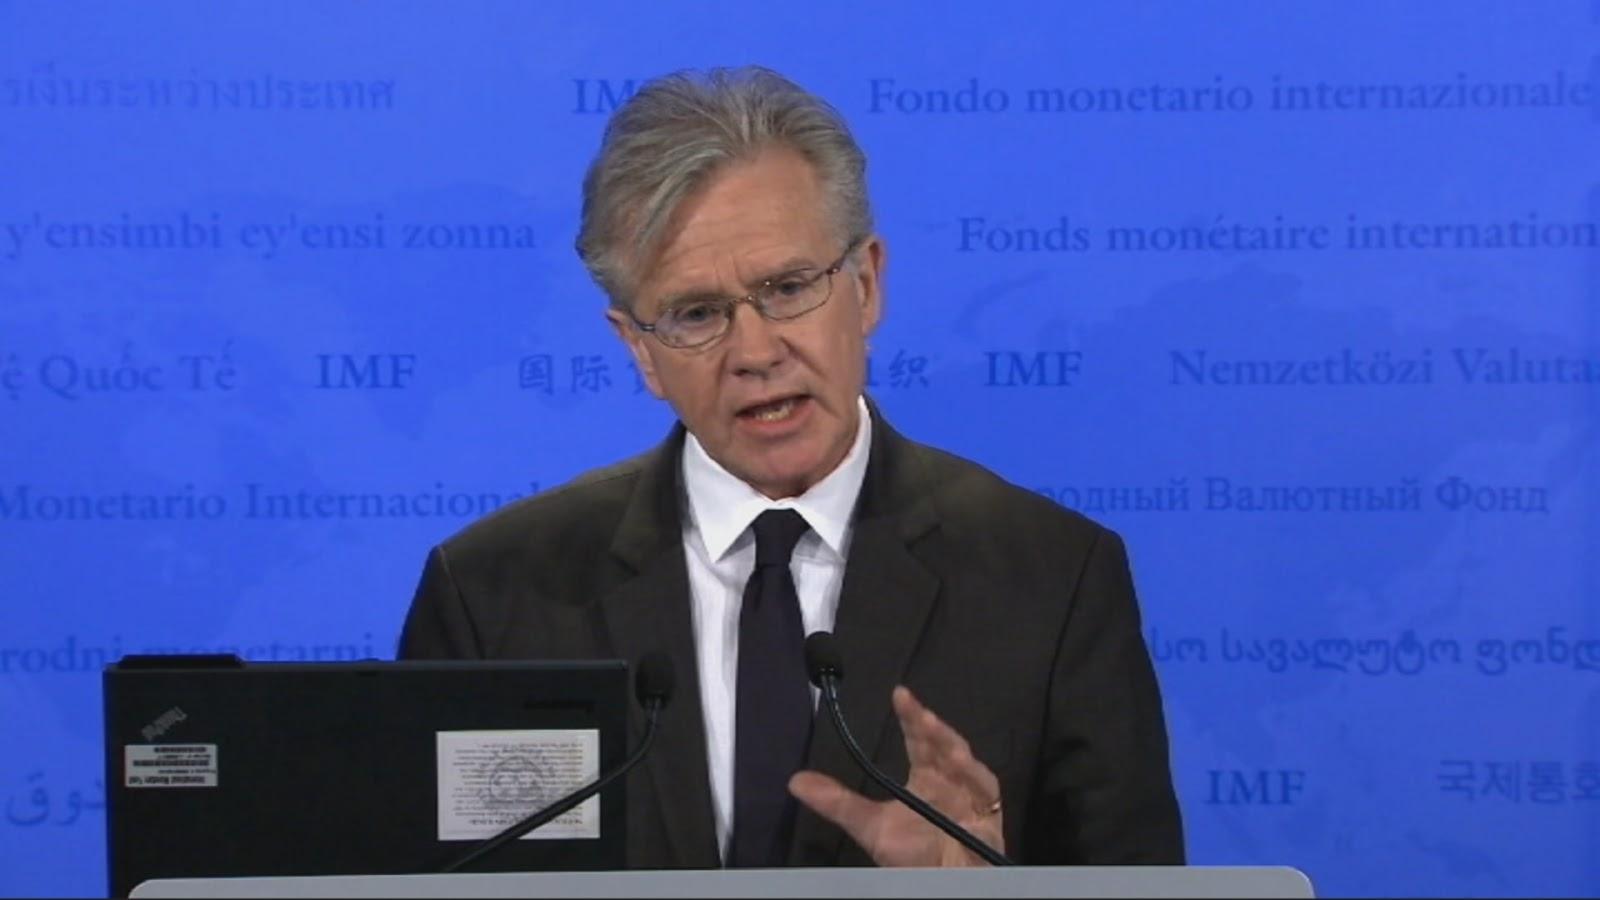 Ερμητικά κλειστά τα χαρτιά του ΔΝΤ για την Ελλάδα